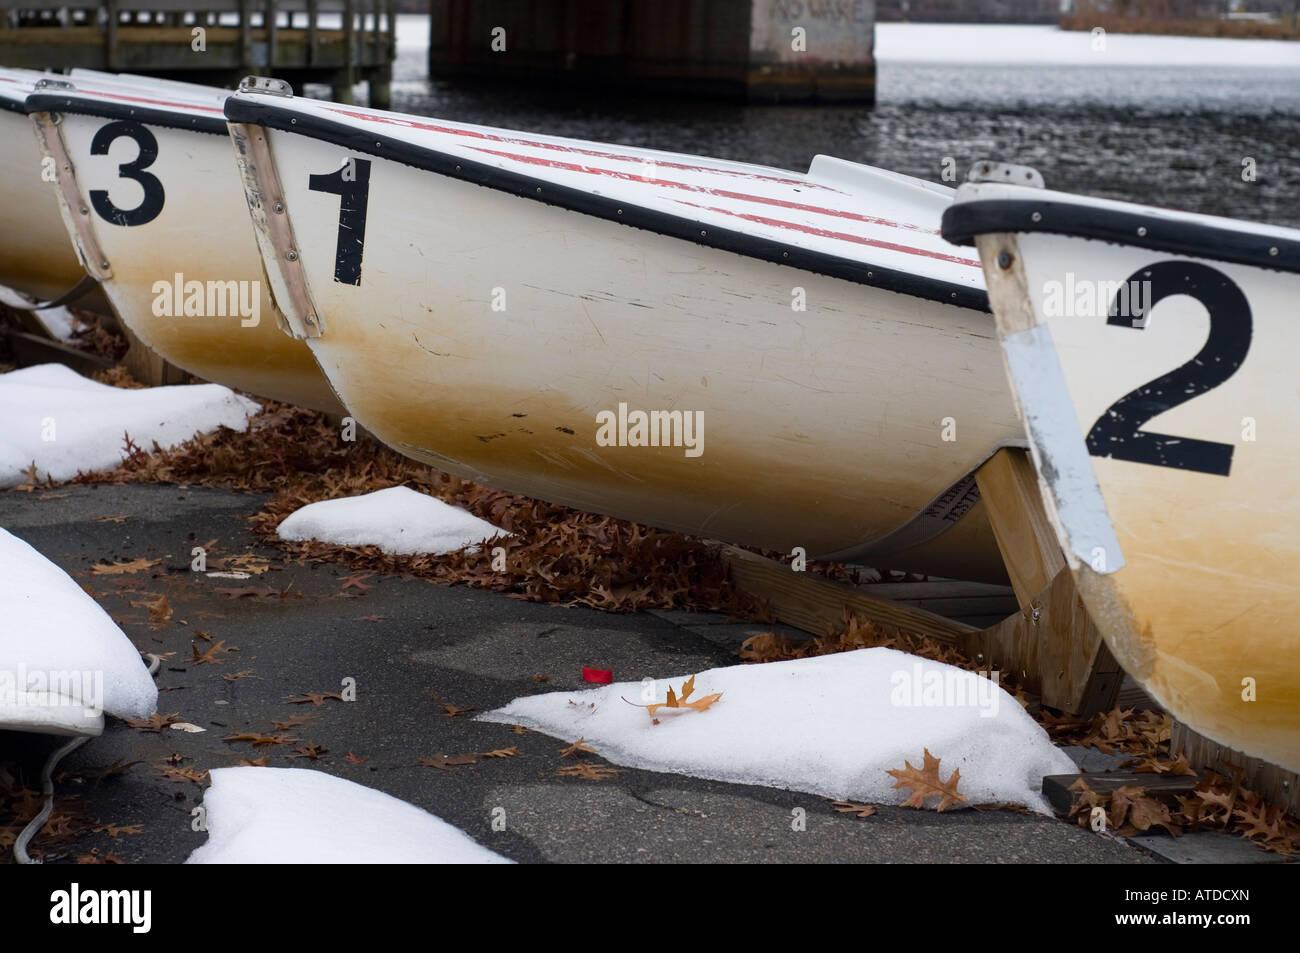 Voiliers numéroté tiré échoue dans l'hiver. Photo Stock